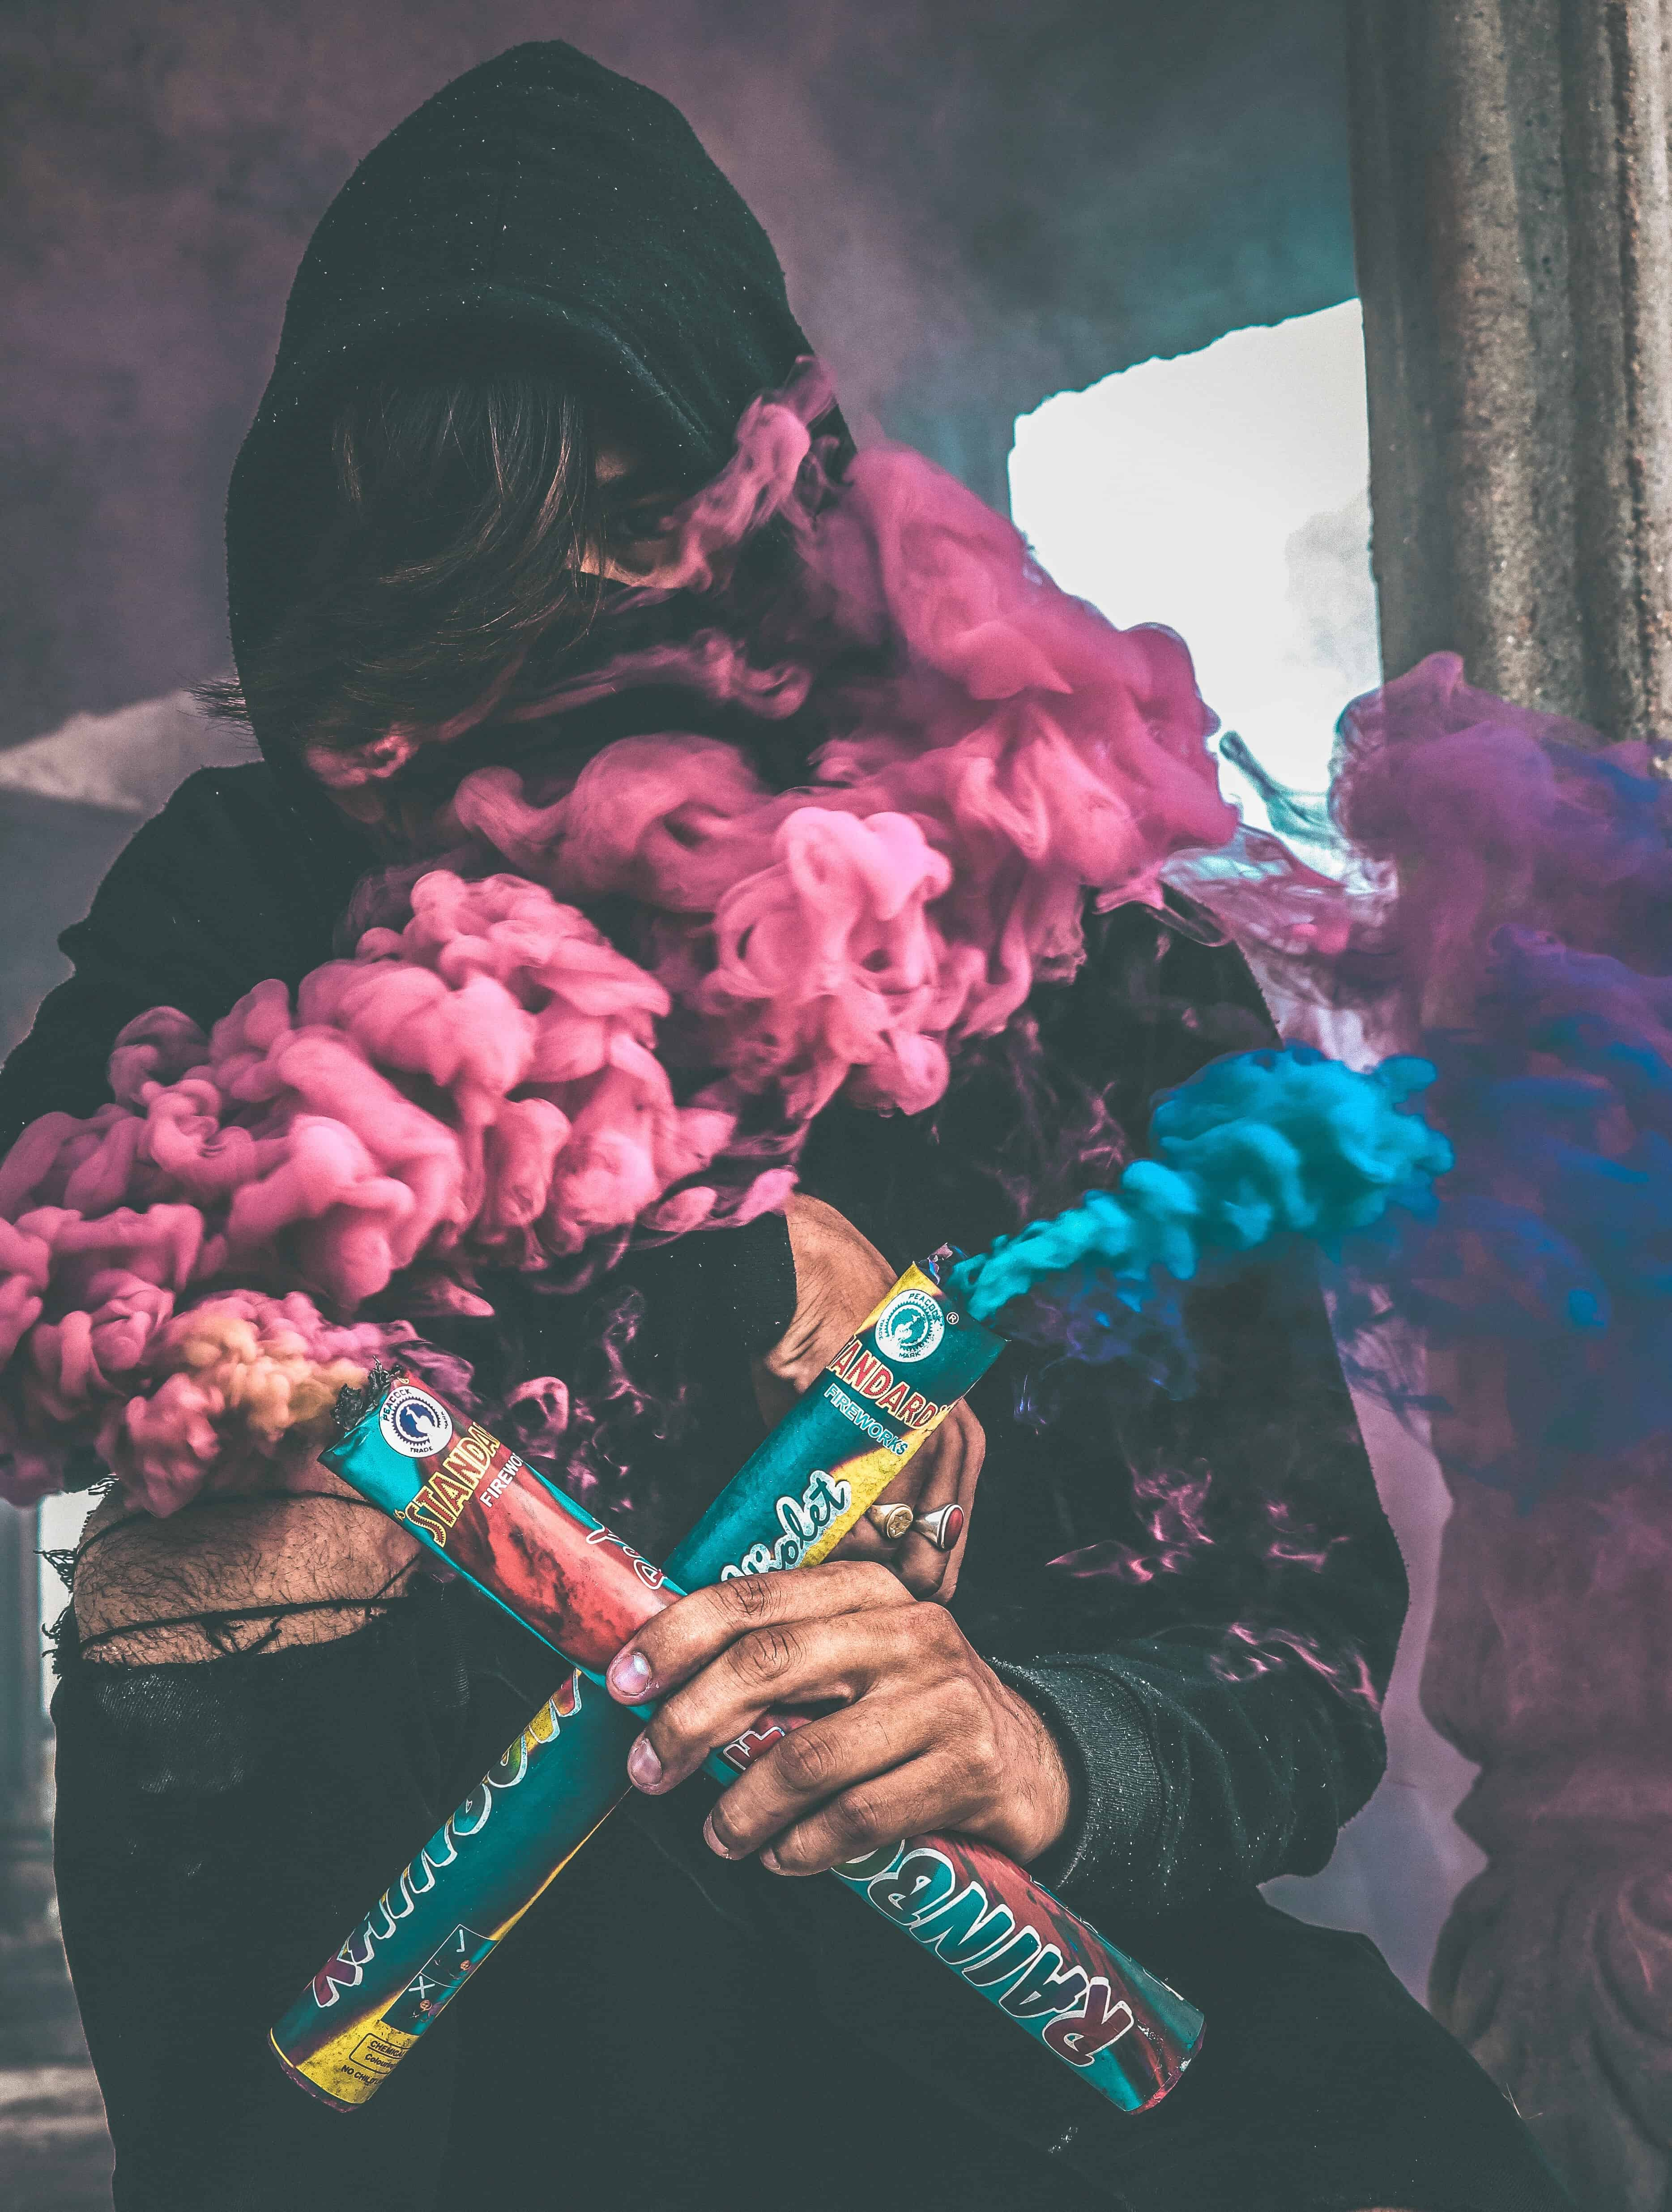 Mann mit Smoke